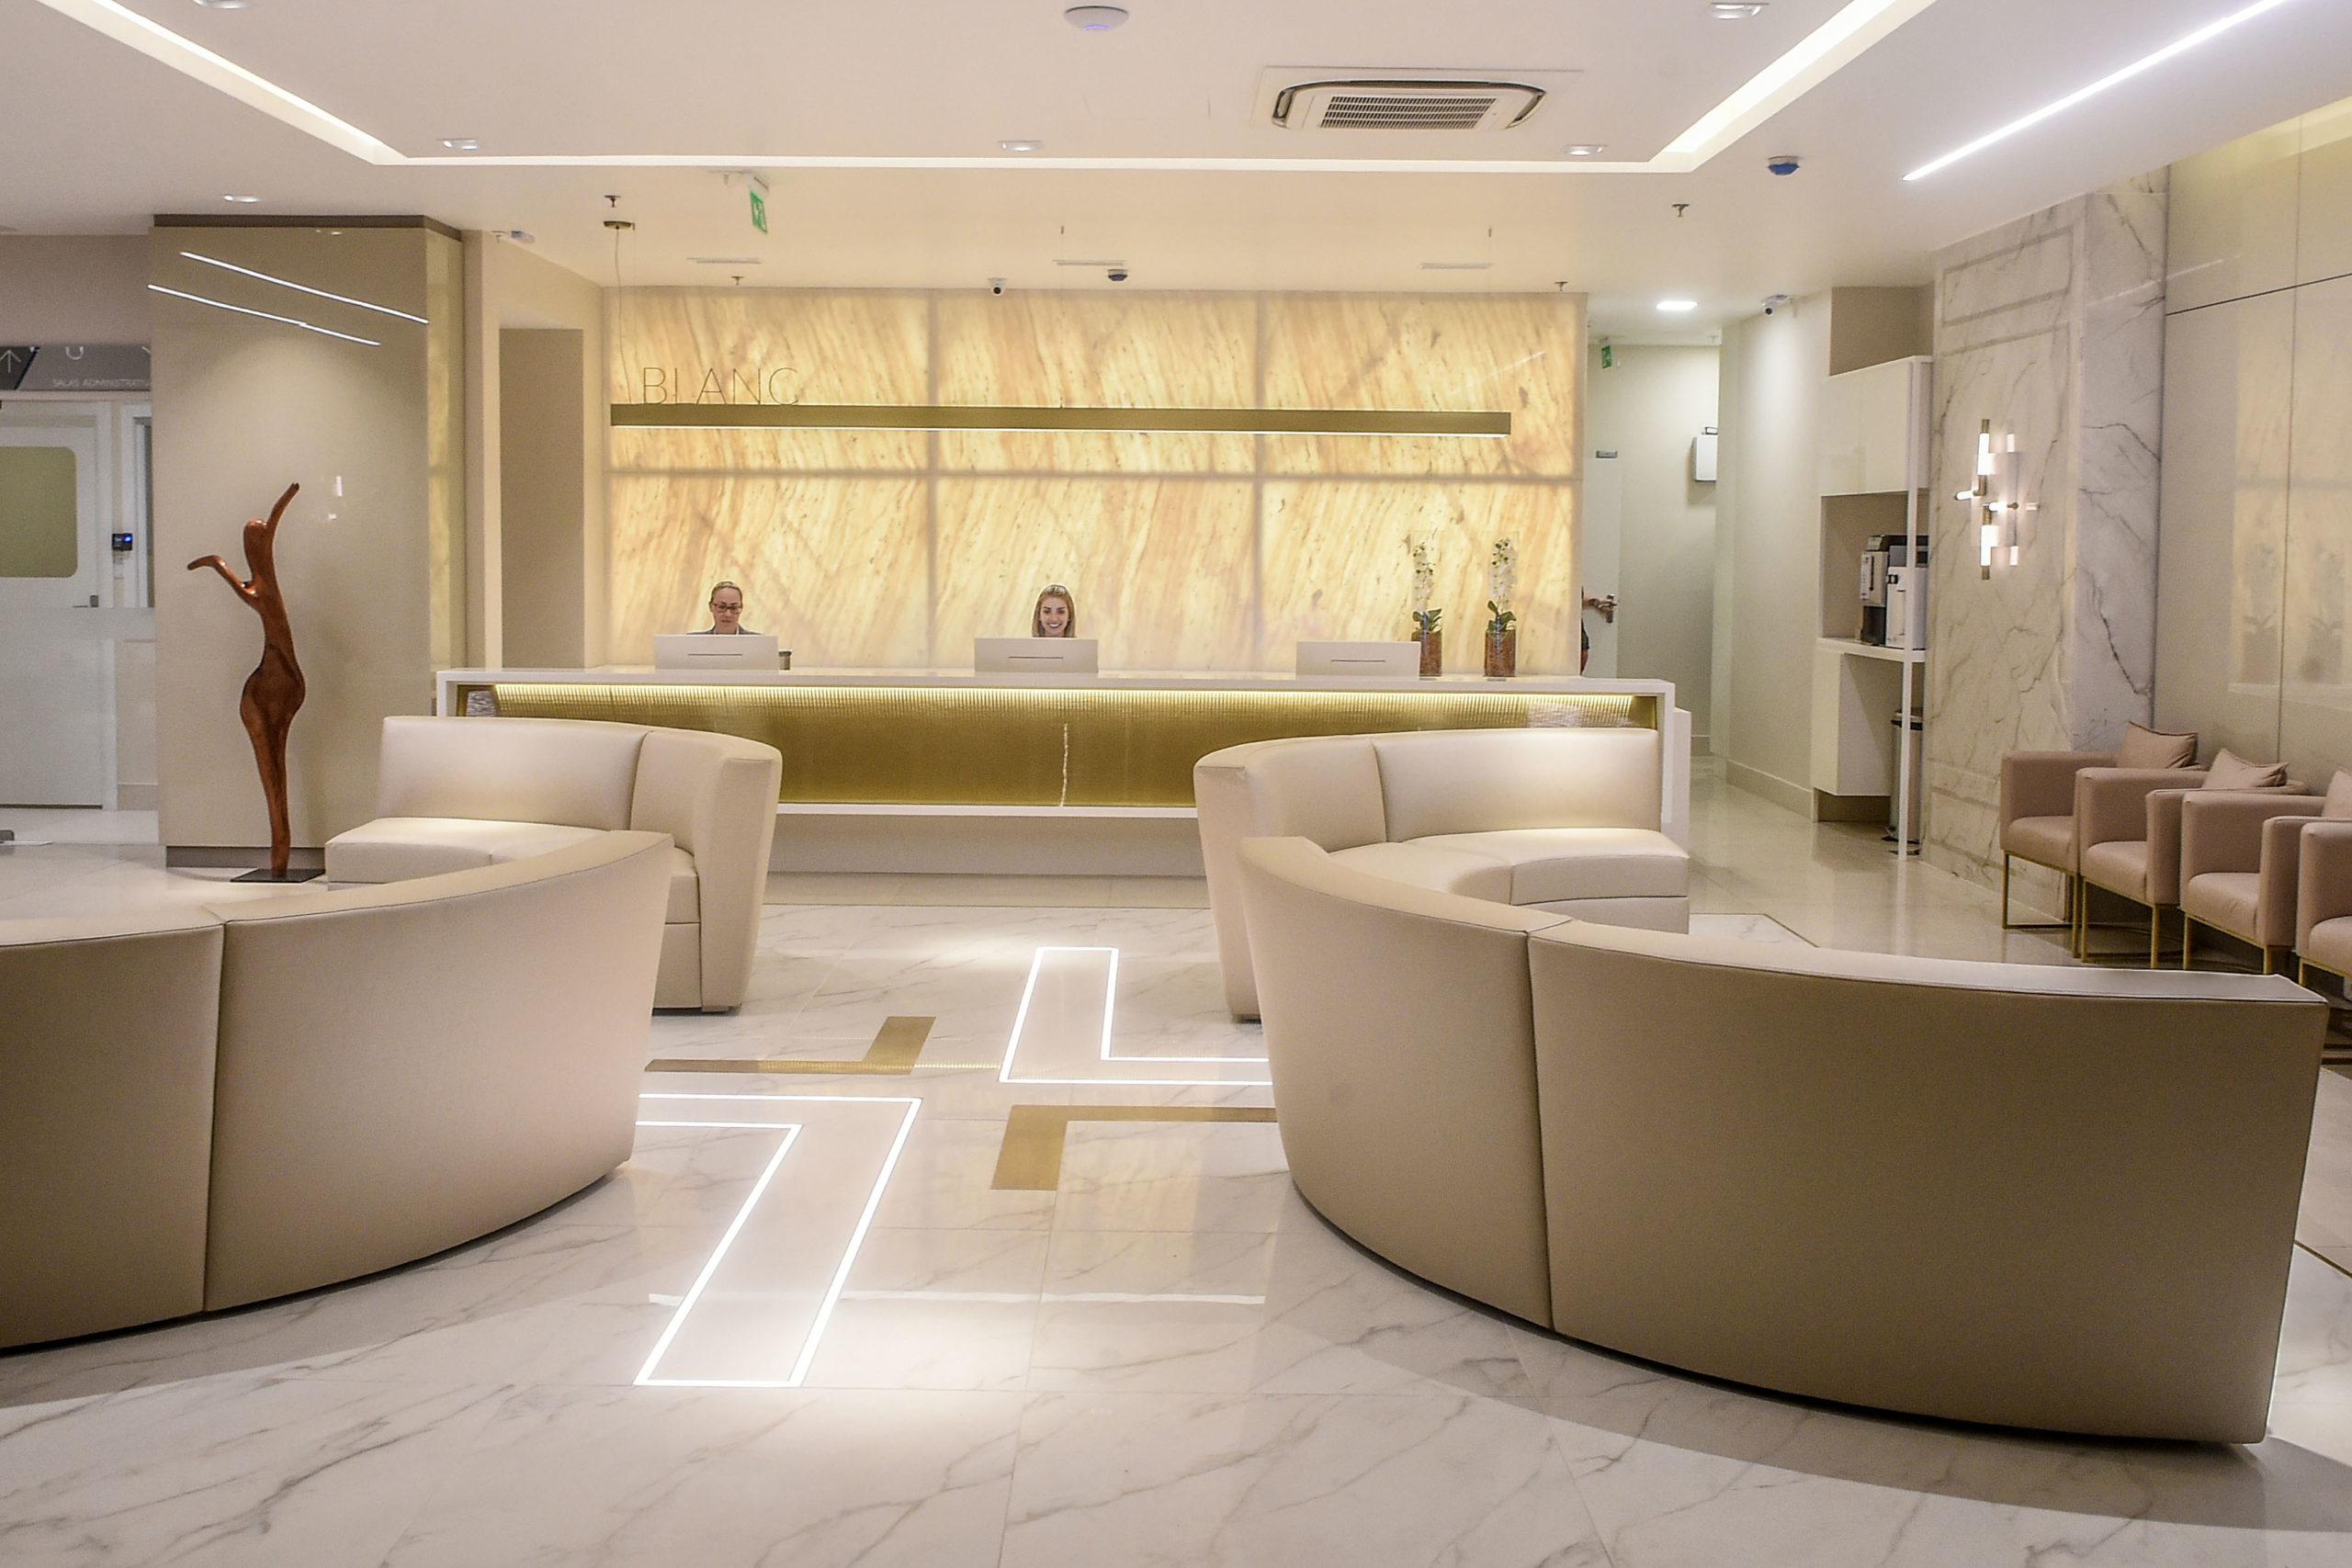 Blanc Hospital. Espaço interno com recepção, sofás e cadeiras.